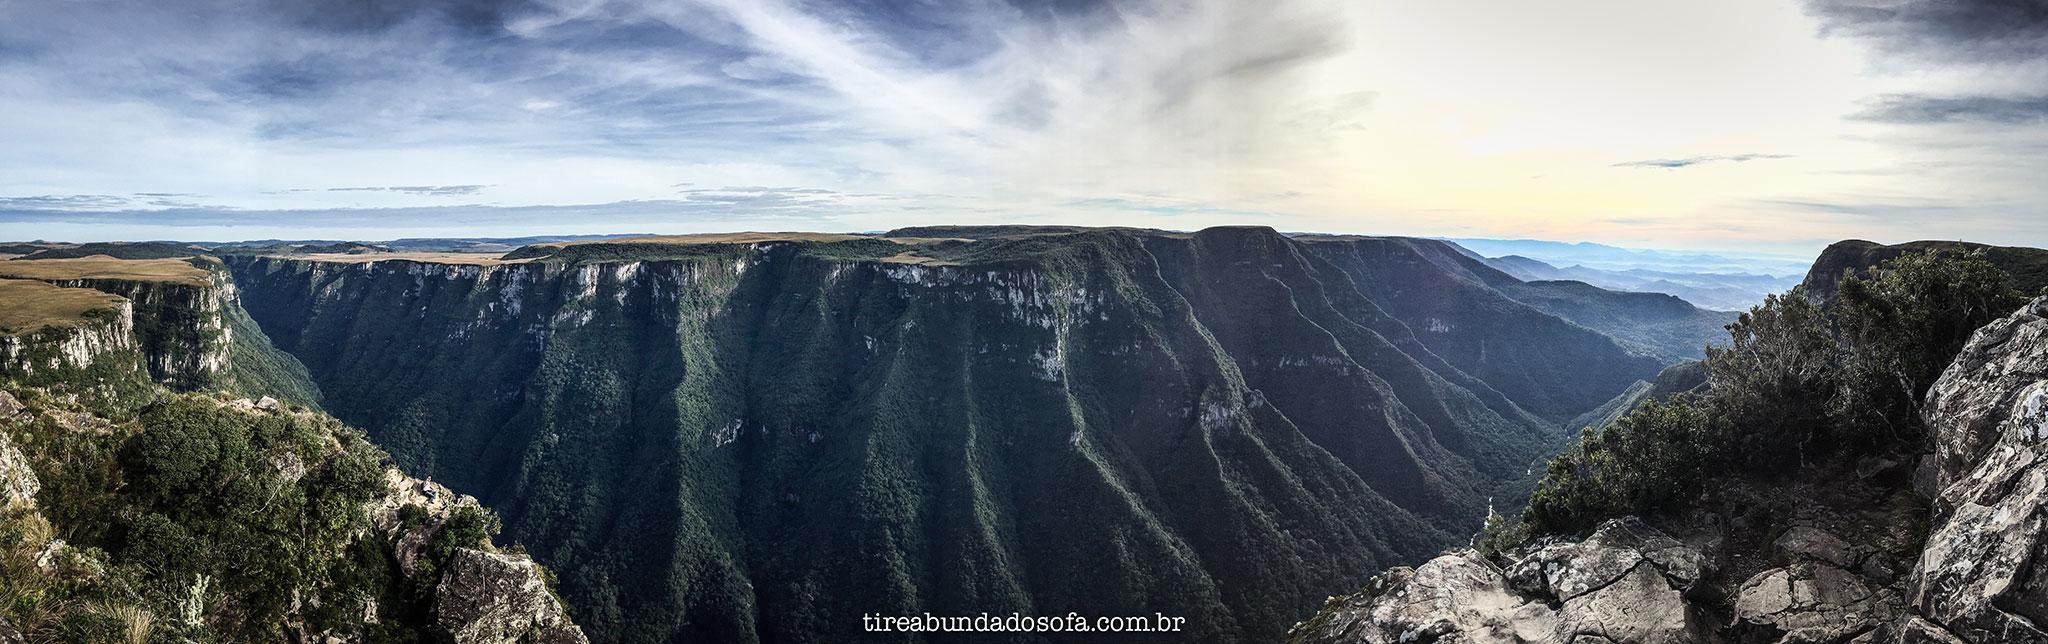 cânion fortaleza, parque nacional da serra geral, cambará do sul, rio grande do sul, , o que fazer em cambará do sul